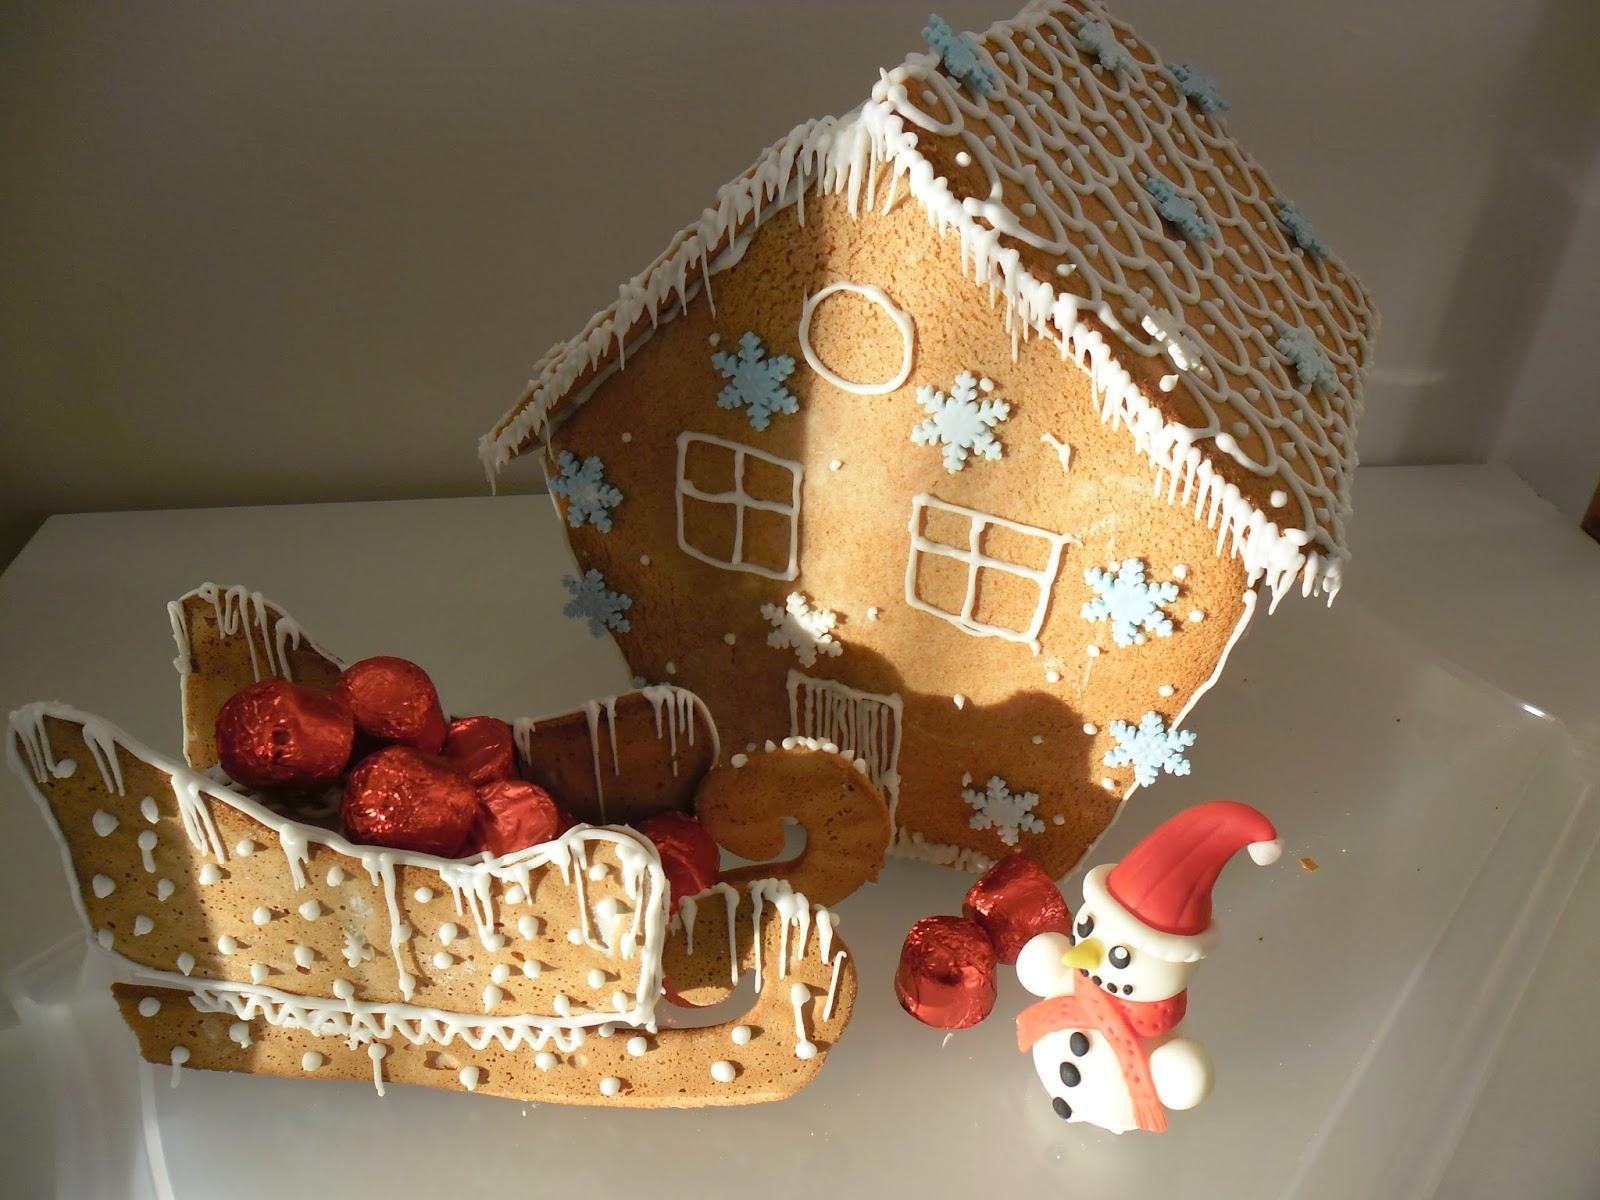 Gateaux d 39 aline maison en pain d 39 pice - Kit maison en pain d epice ...